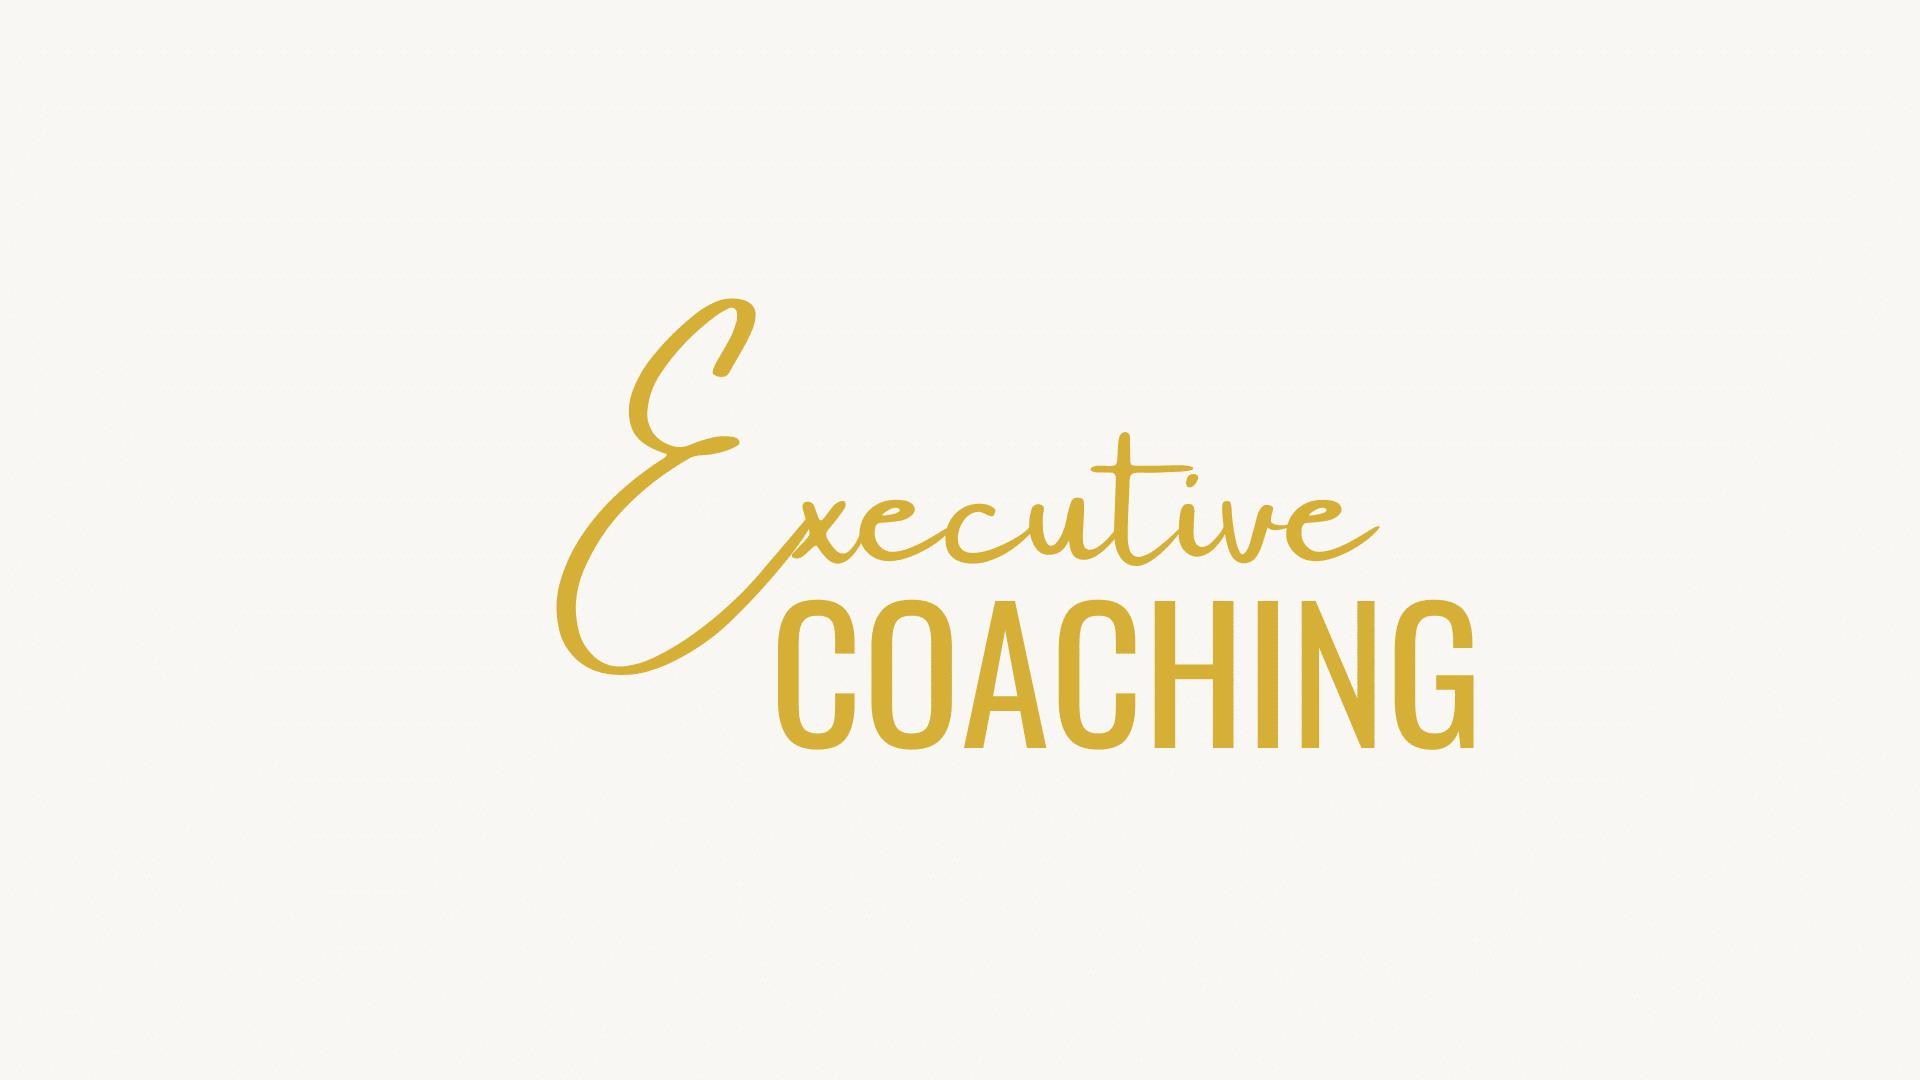 Coach München Executive Coaching